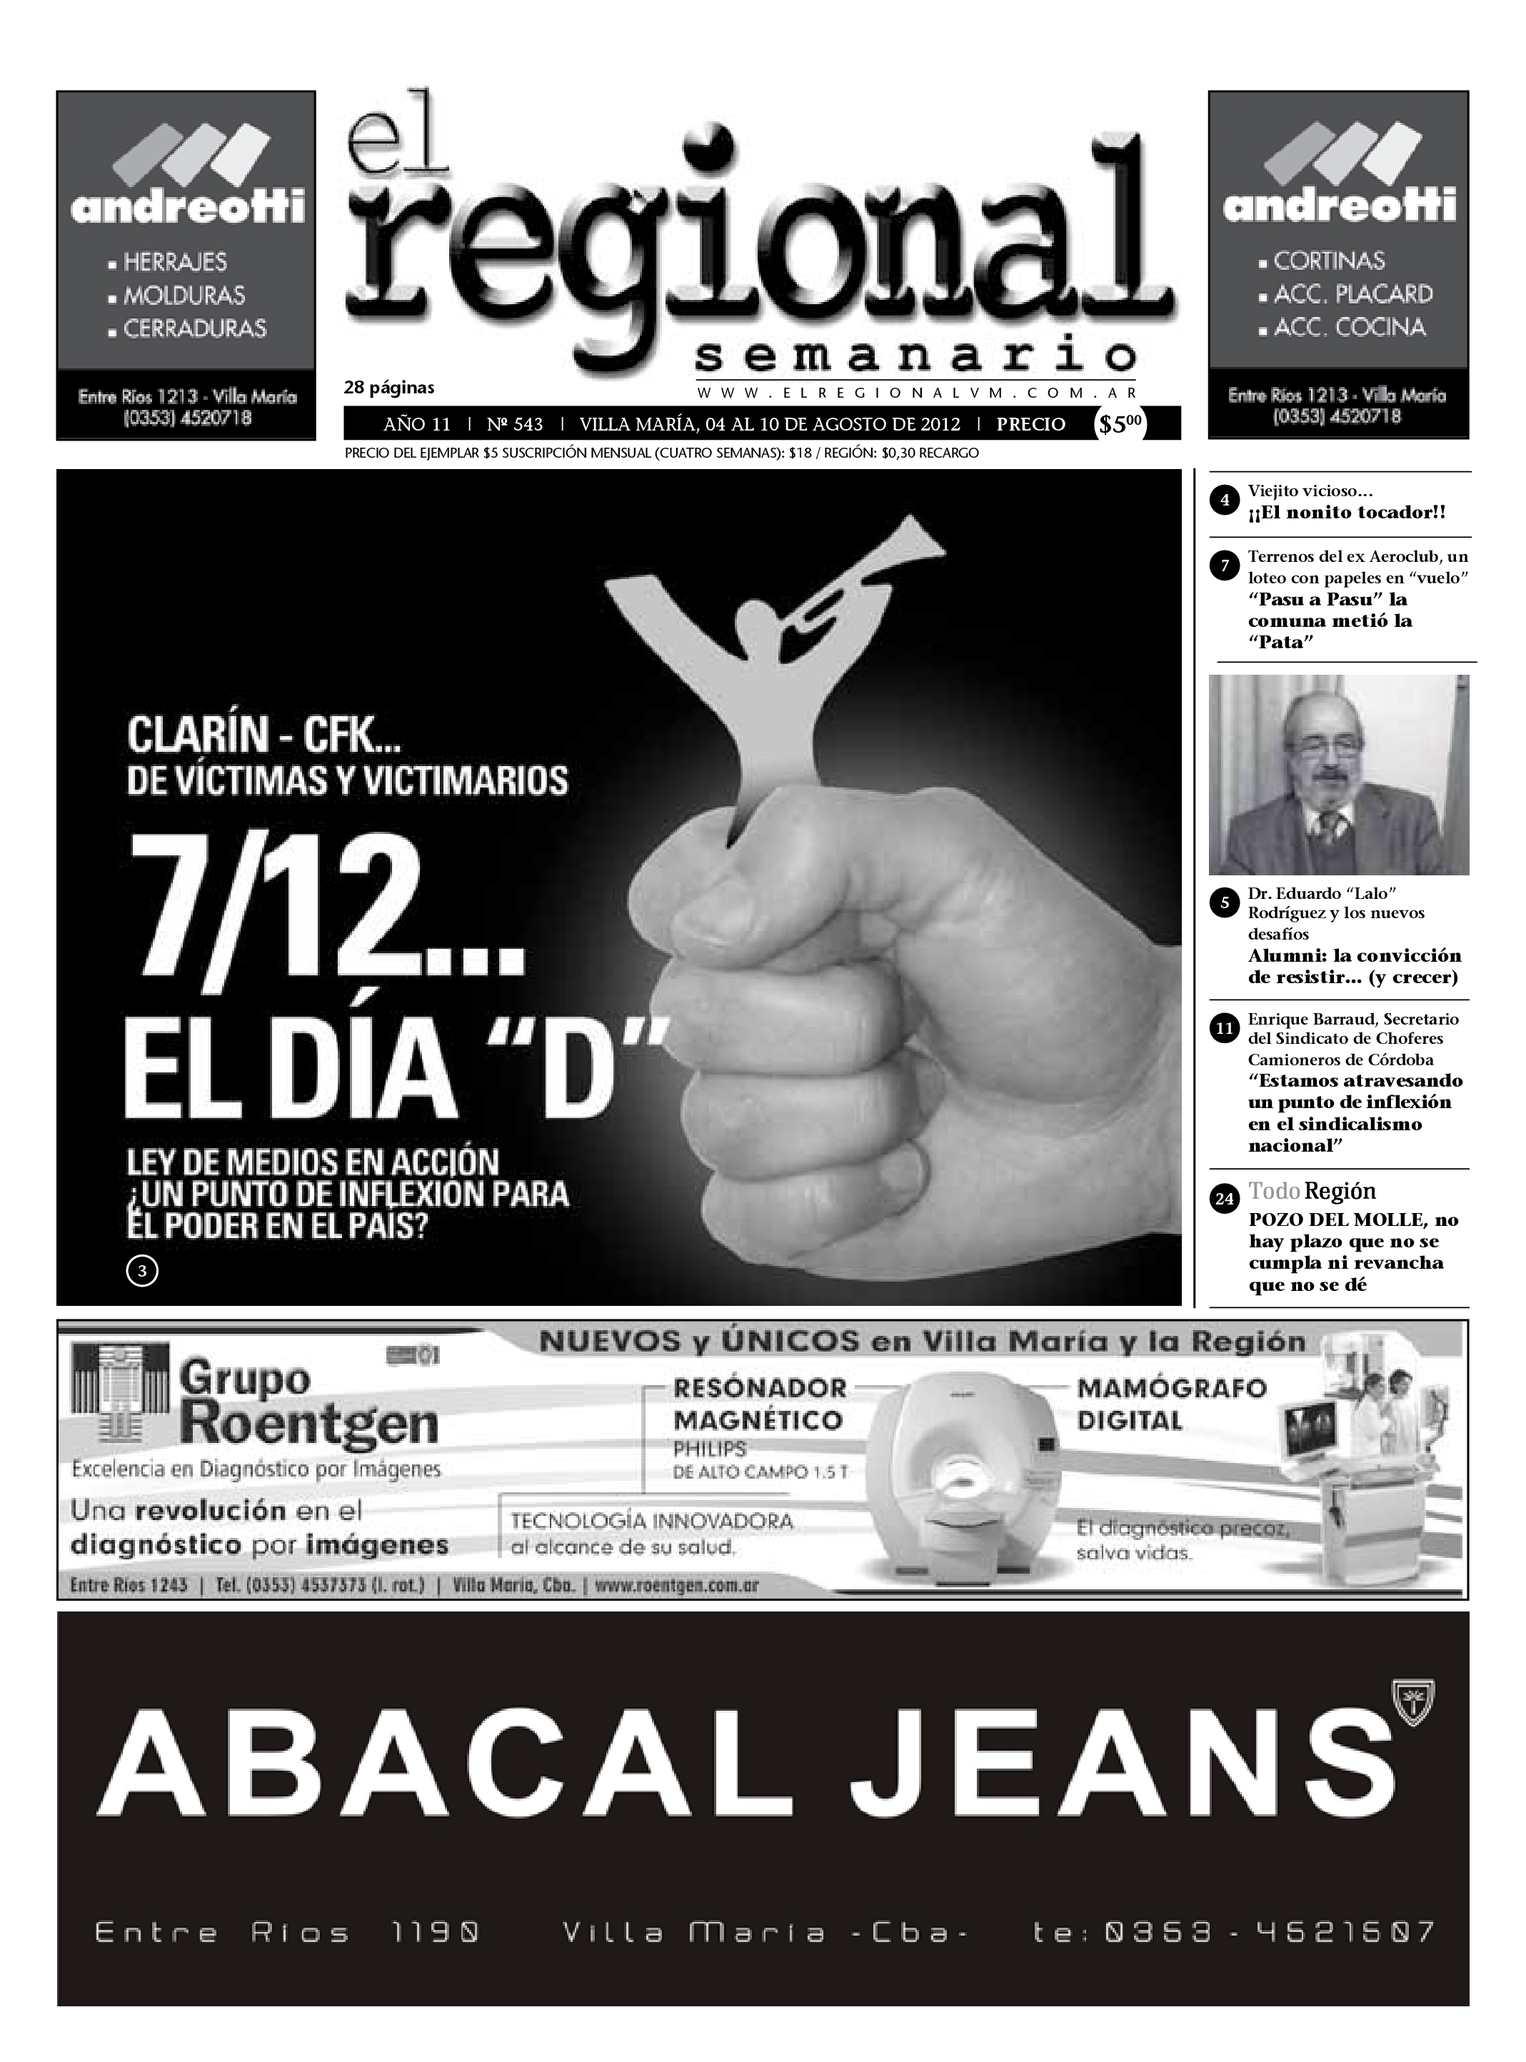 Calaméo - Semanario El Regional 543